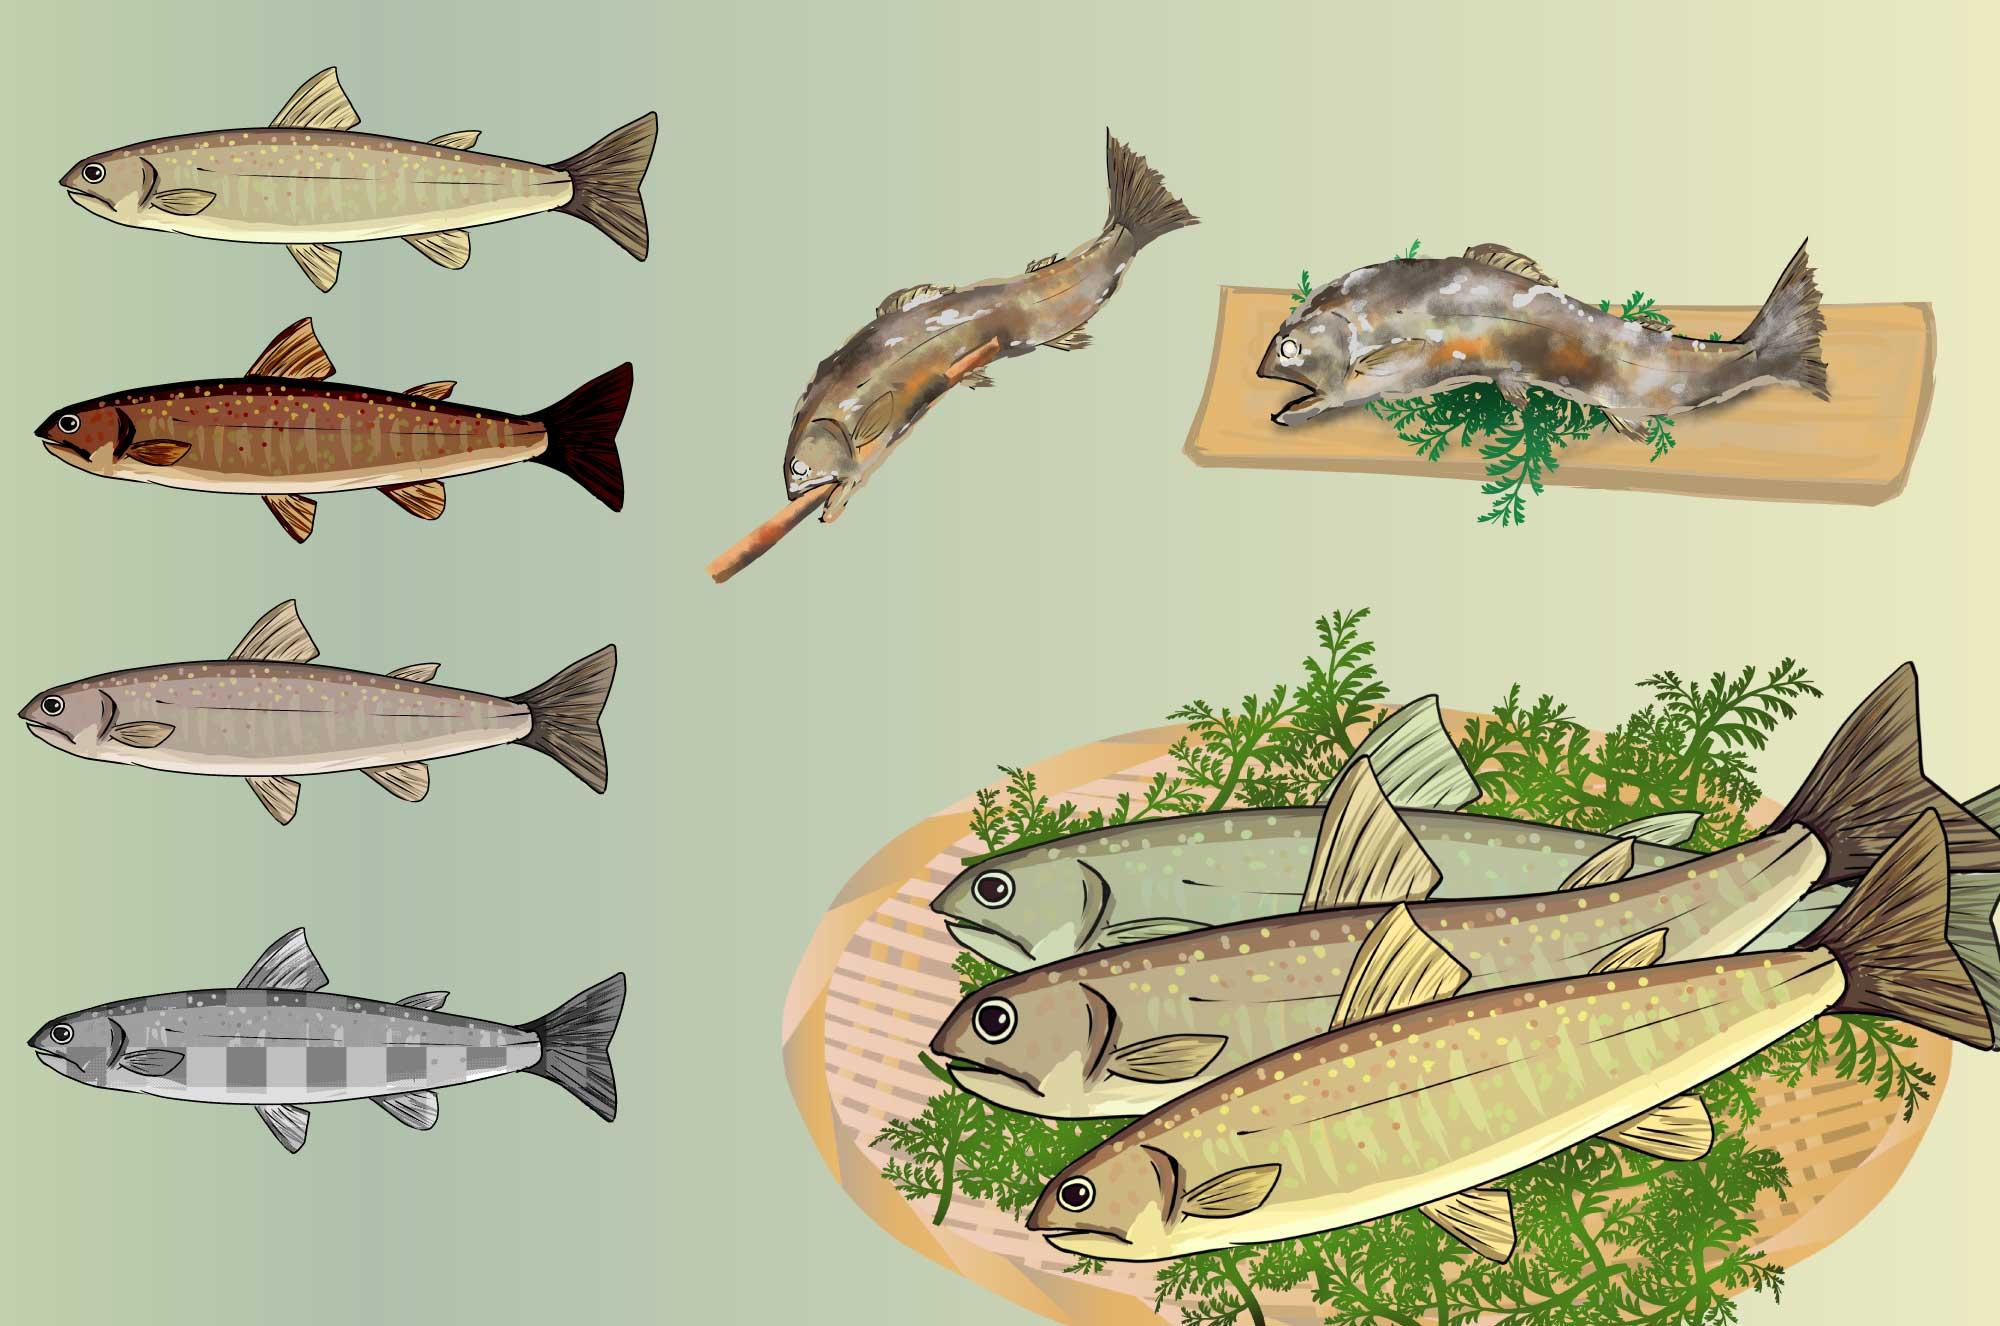 イワナのイラスト - 塩焼き・串焼き淡水の魚無料素材